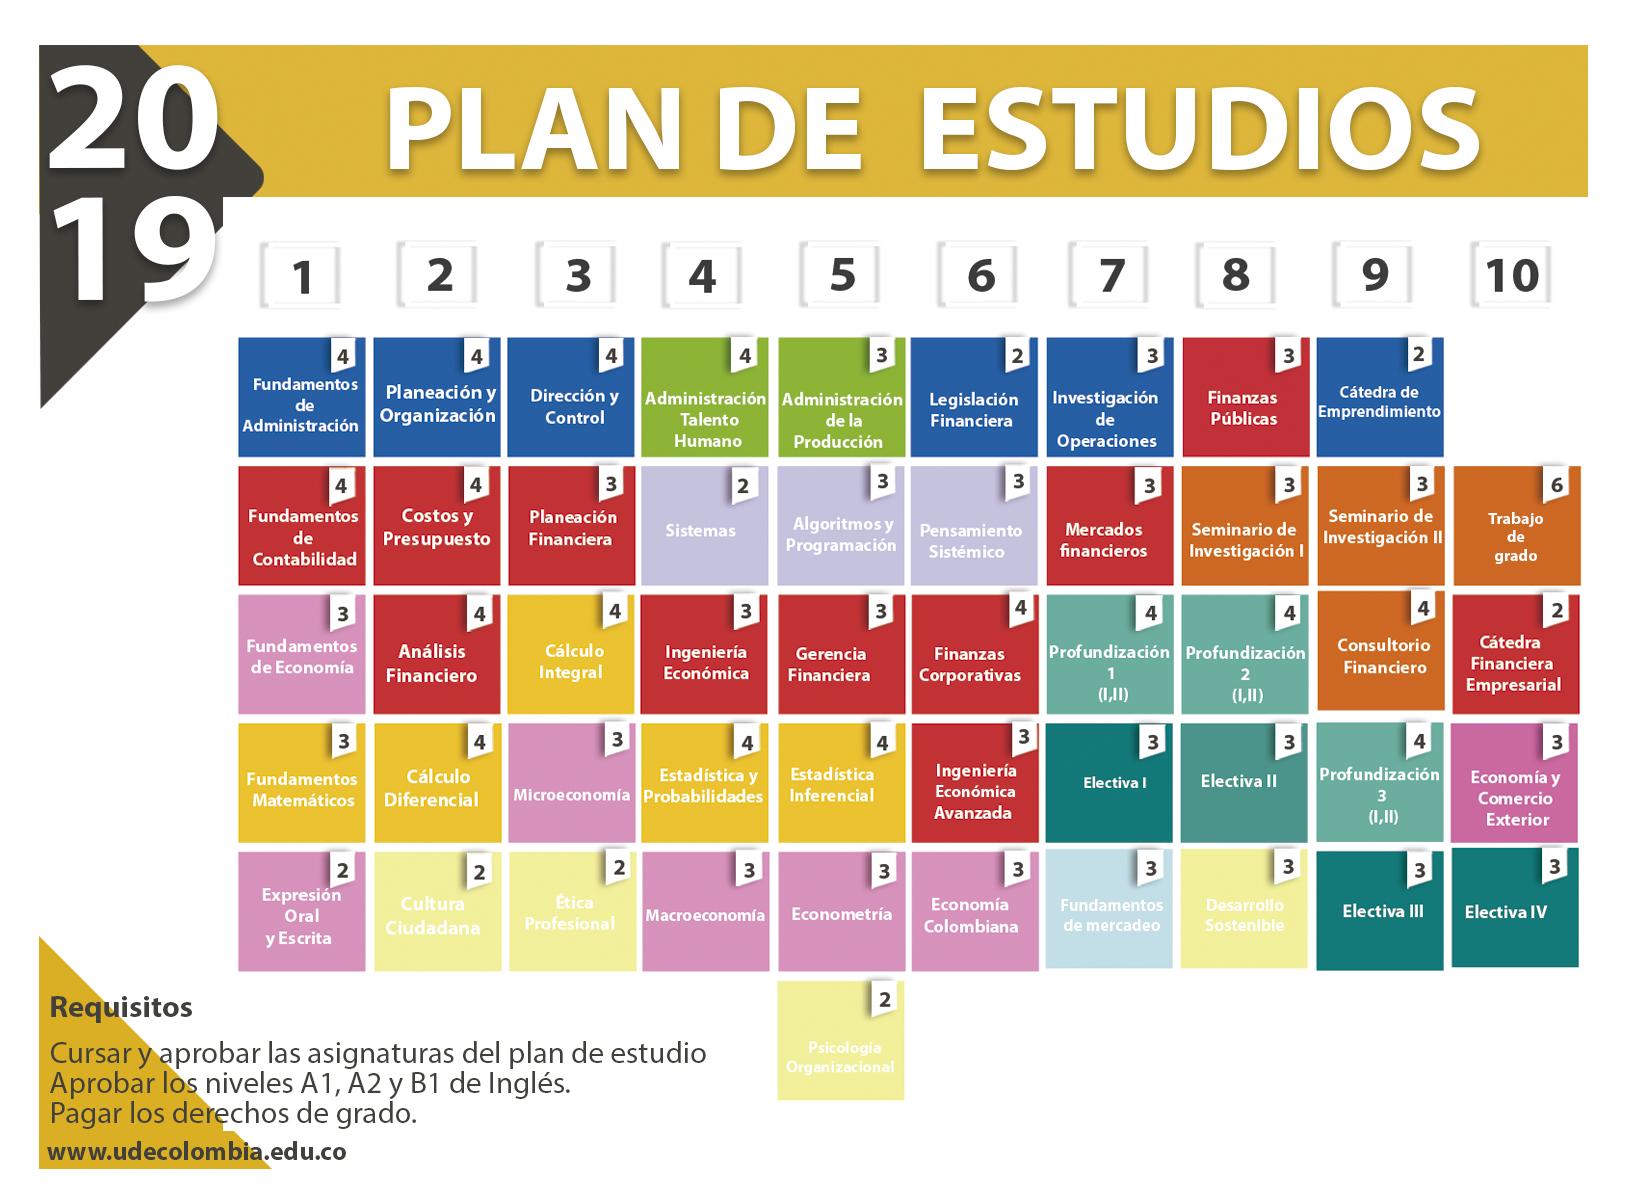 Plan de estudios Administración Financiera U de Colombia